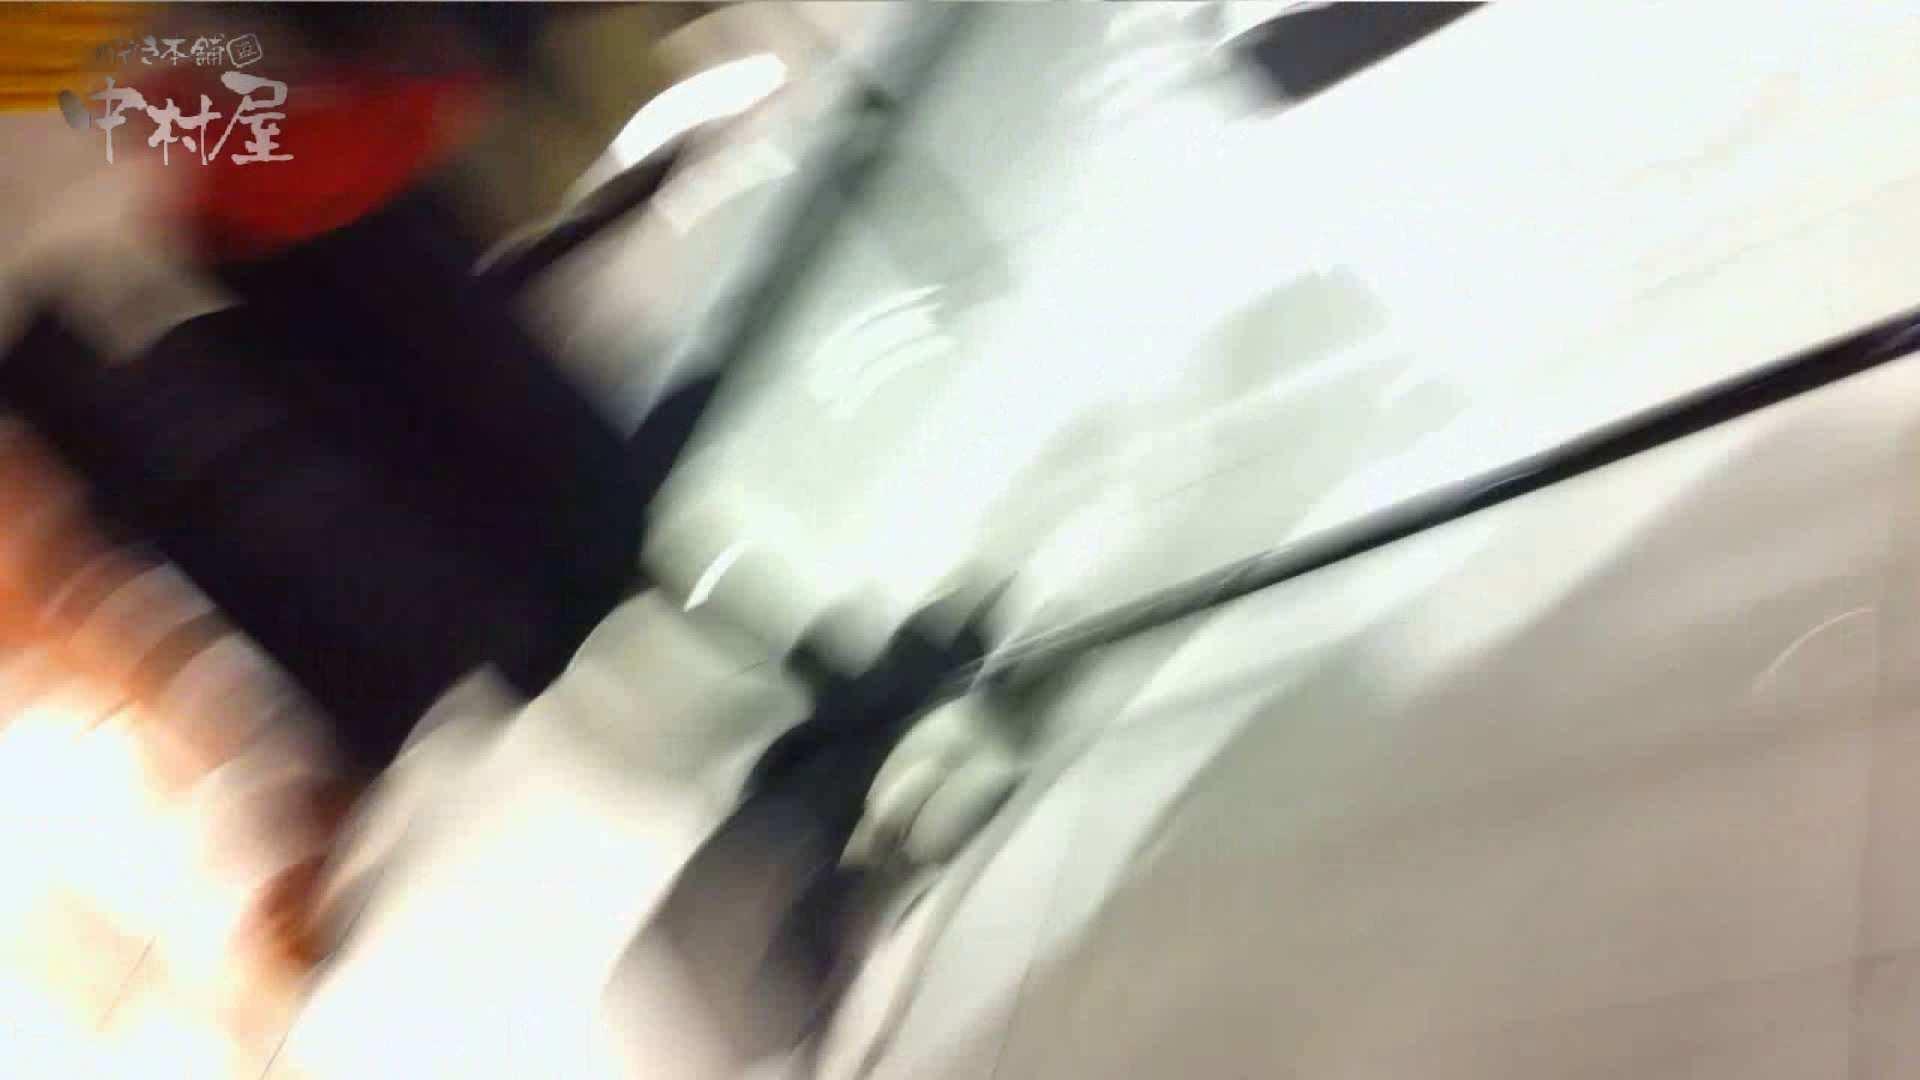 vol.69 美人アパレル胸チラ&パンチラ ストライプパンツみっけ! チラ 盗撮画像 76枚